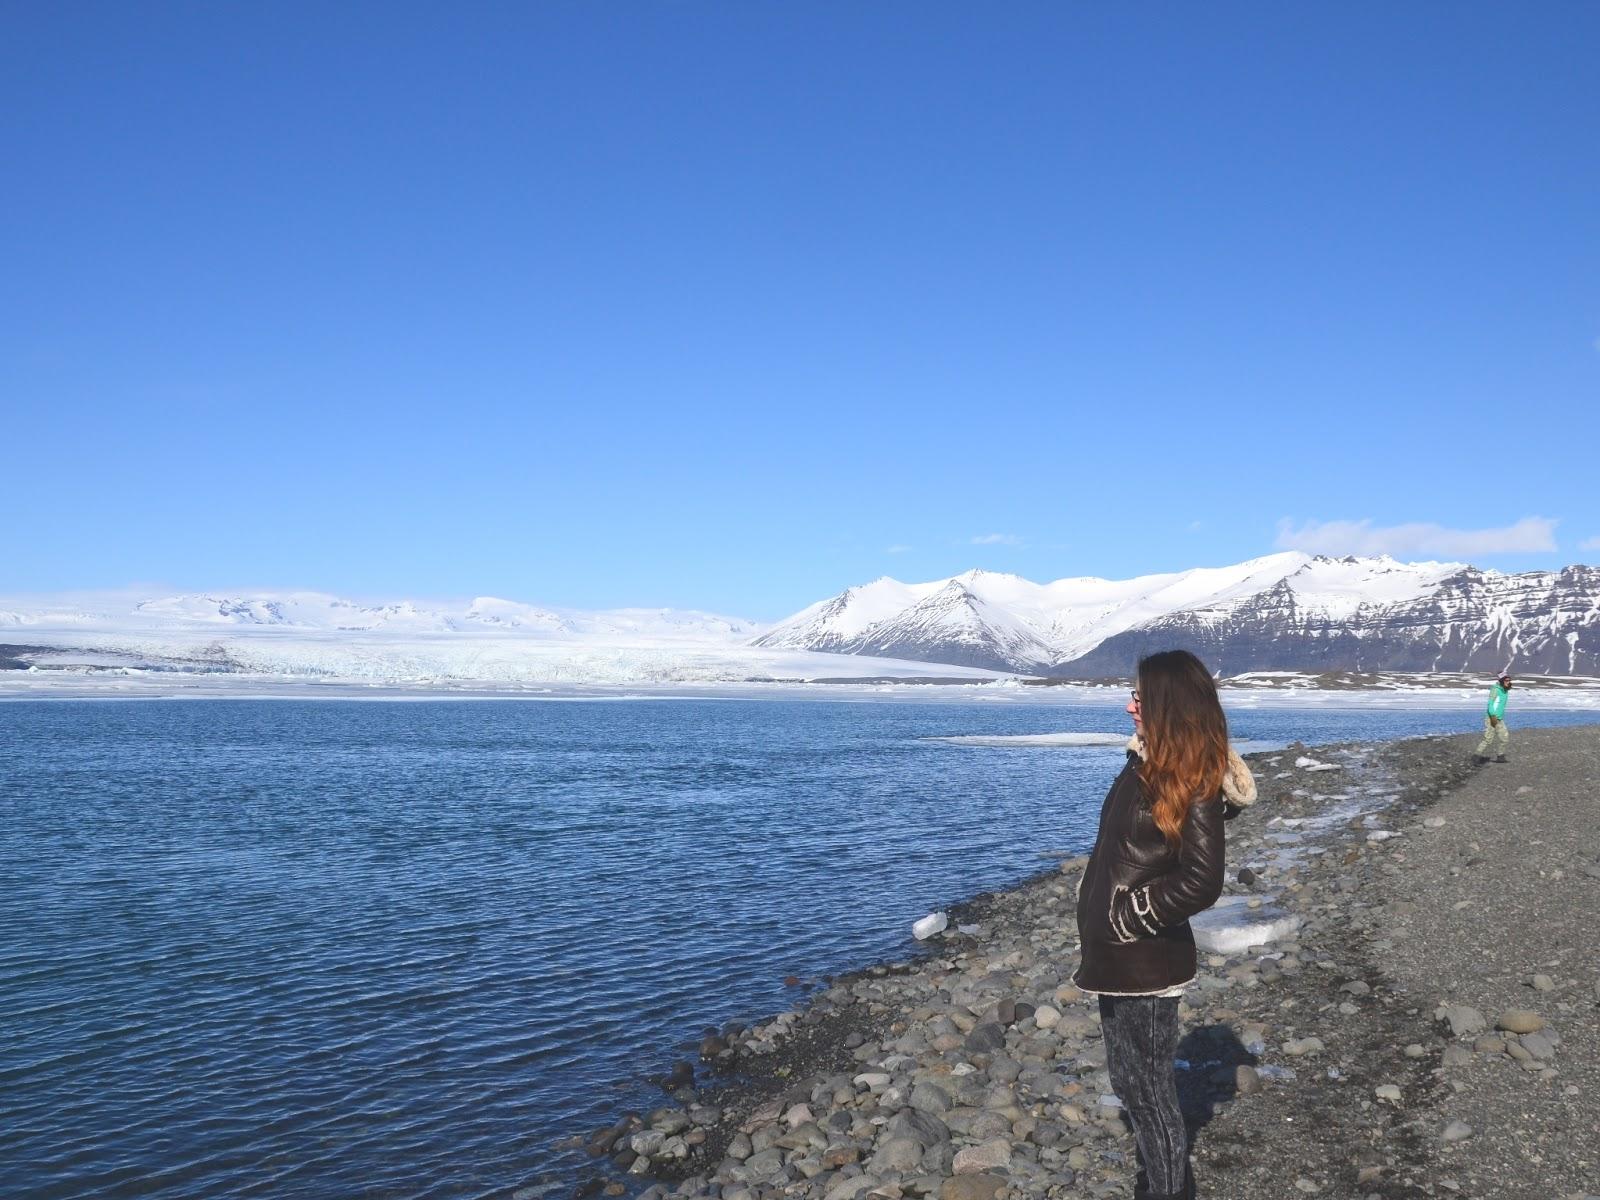 Jokulsarlon, laguna lodowcowa, Lodowiec, islandzki lodowiec, Islandia, blog o Islandii, praca w Islandii, pani dorcia, blog podróżniczy, blog fotograficzny